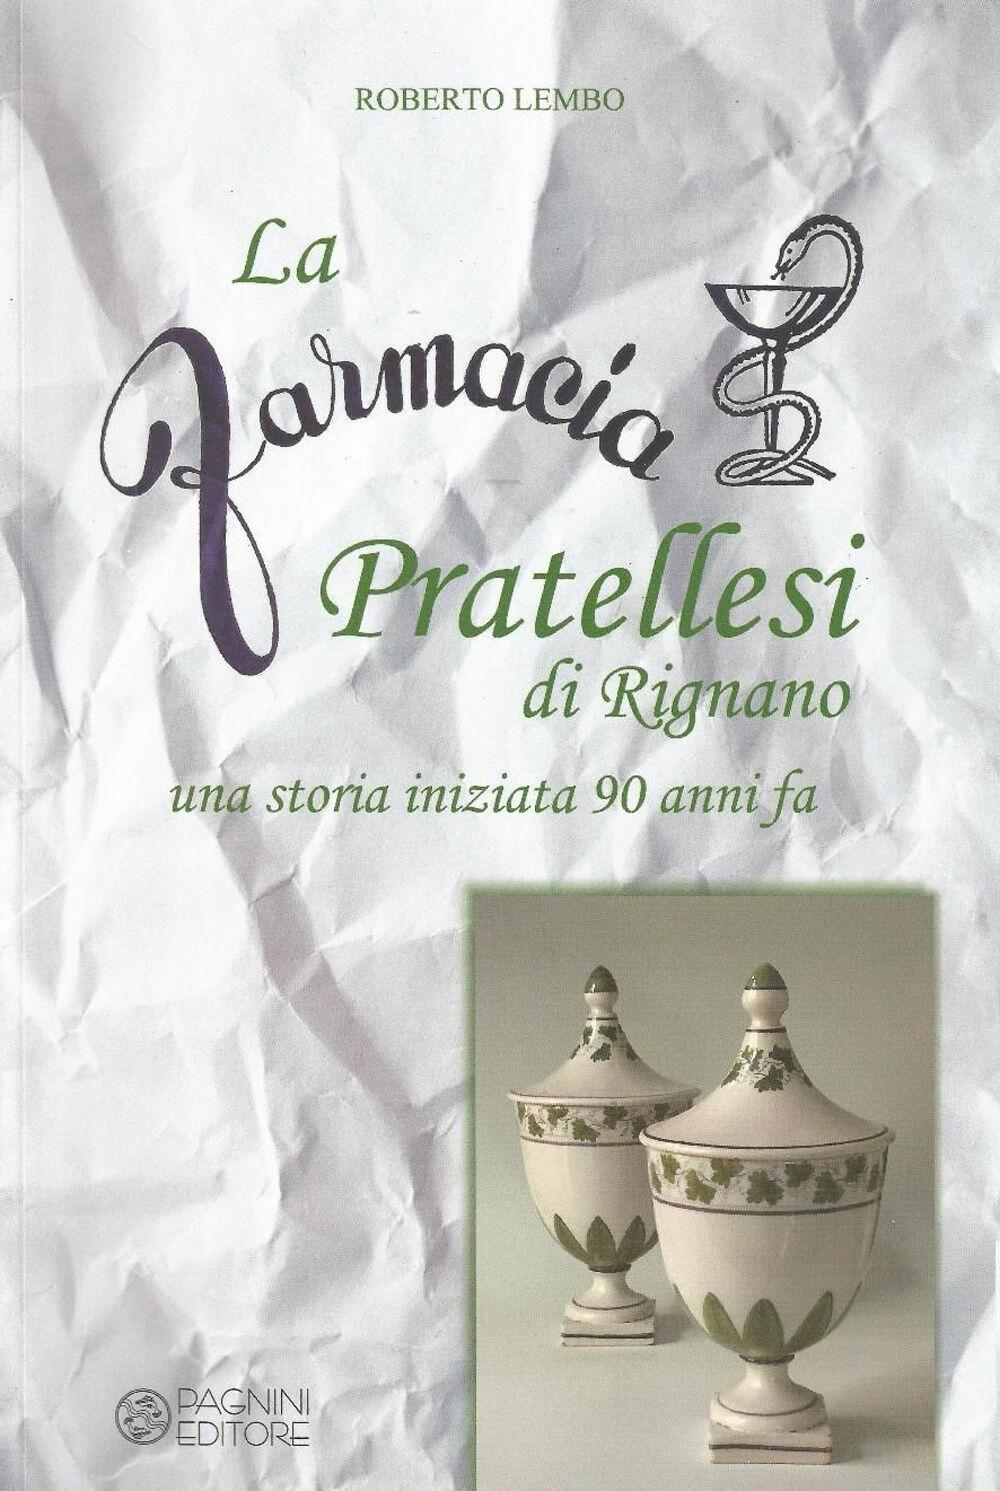 La farmacia Pratellesi di Rignano. Una storia inziata 90 anni fa